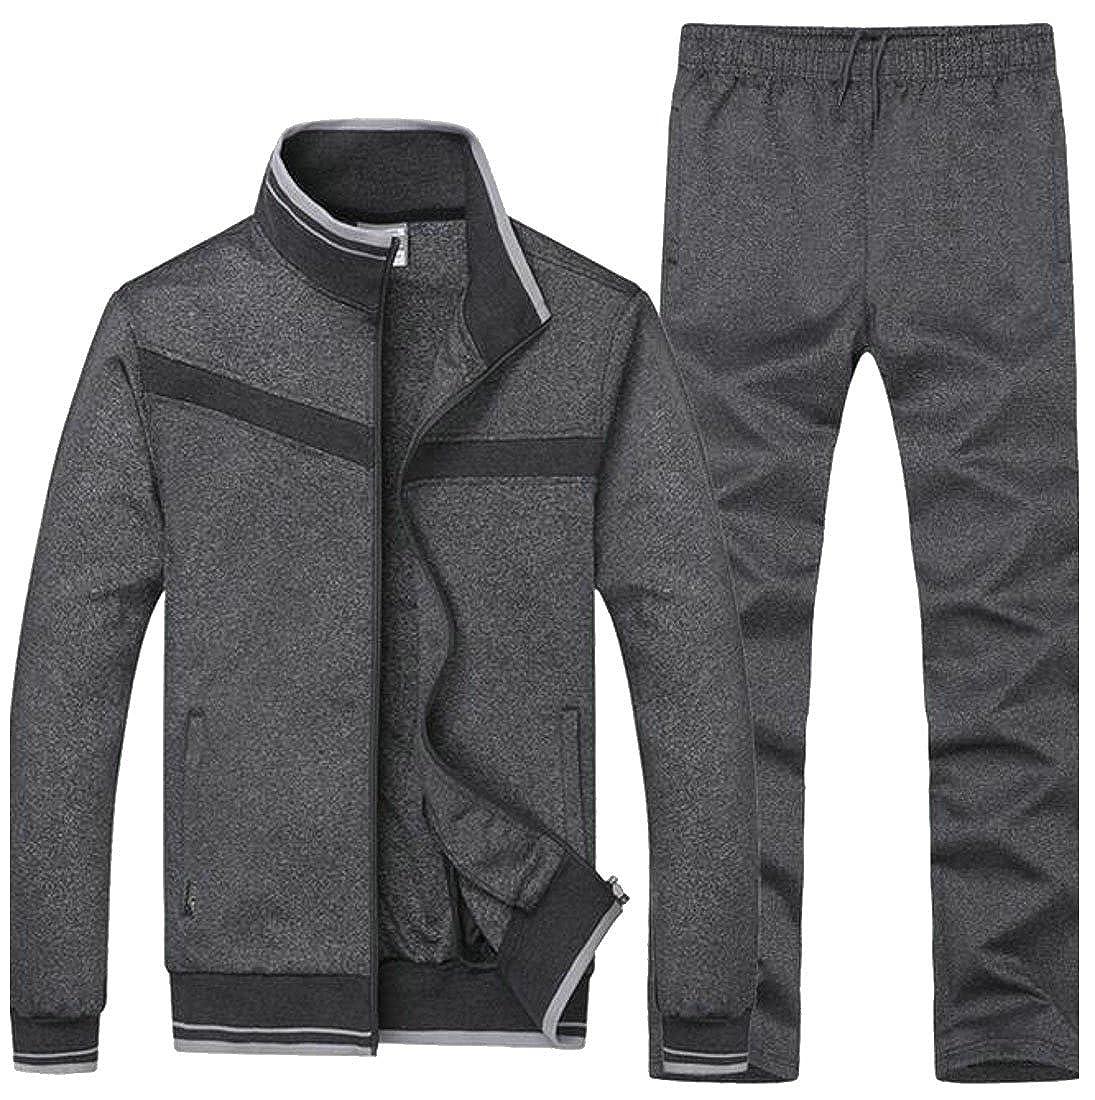 Dark Grey Papijam Mens 2 Piece Sports Sweatpants Jackets Sweatpants Tracksuits